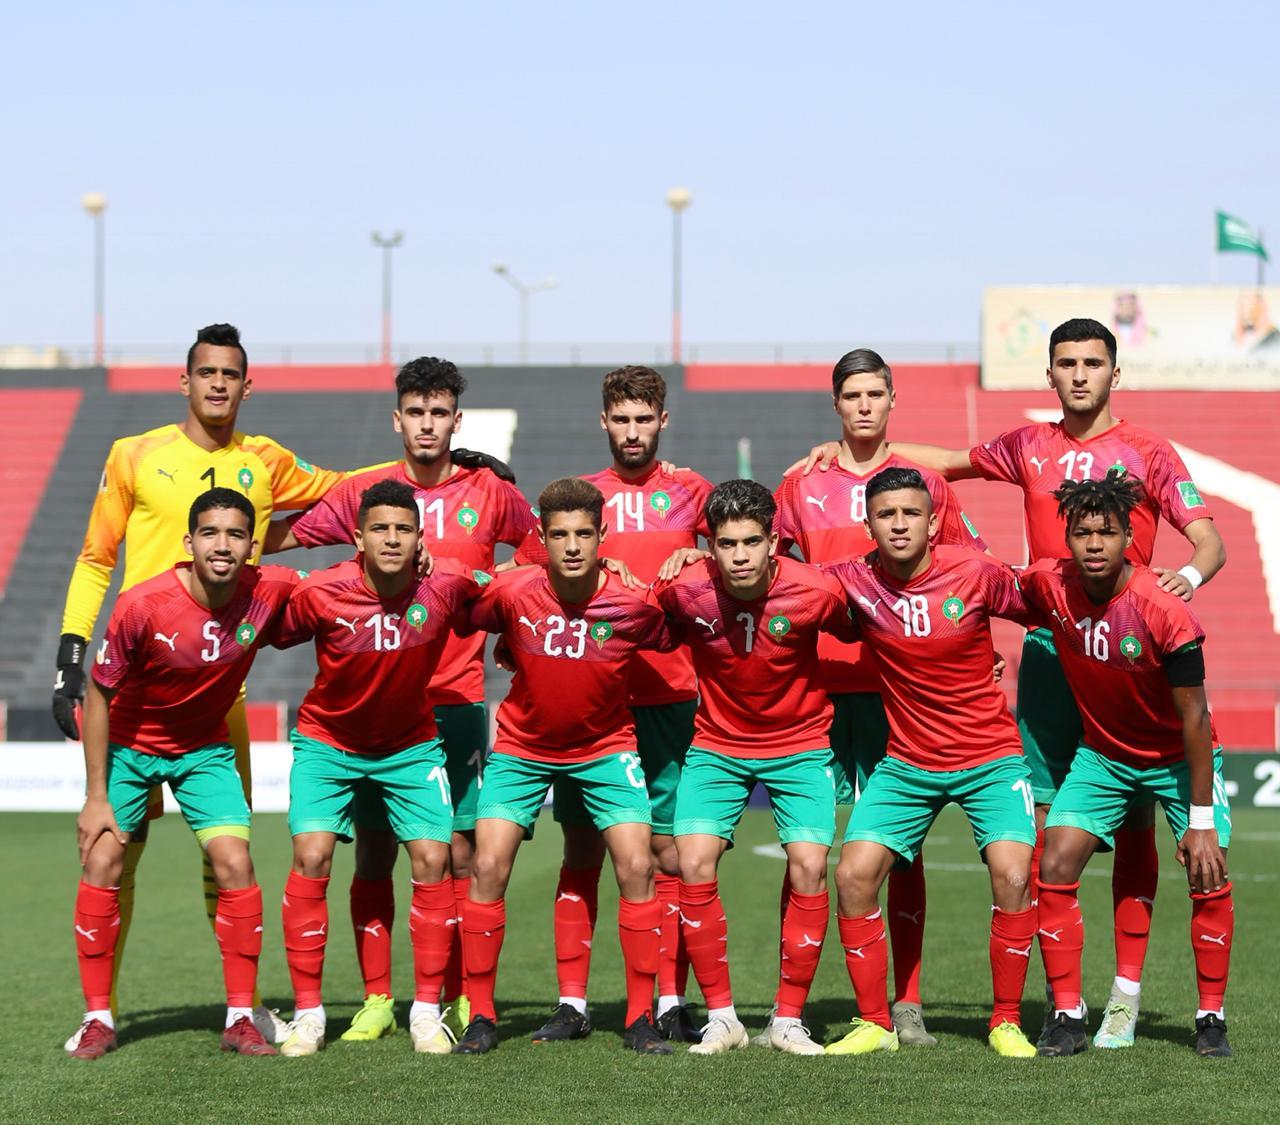 الأشبال يواجهون تونس في نصف النهائي